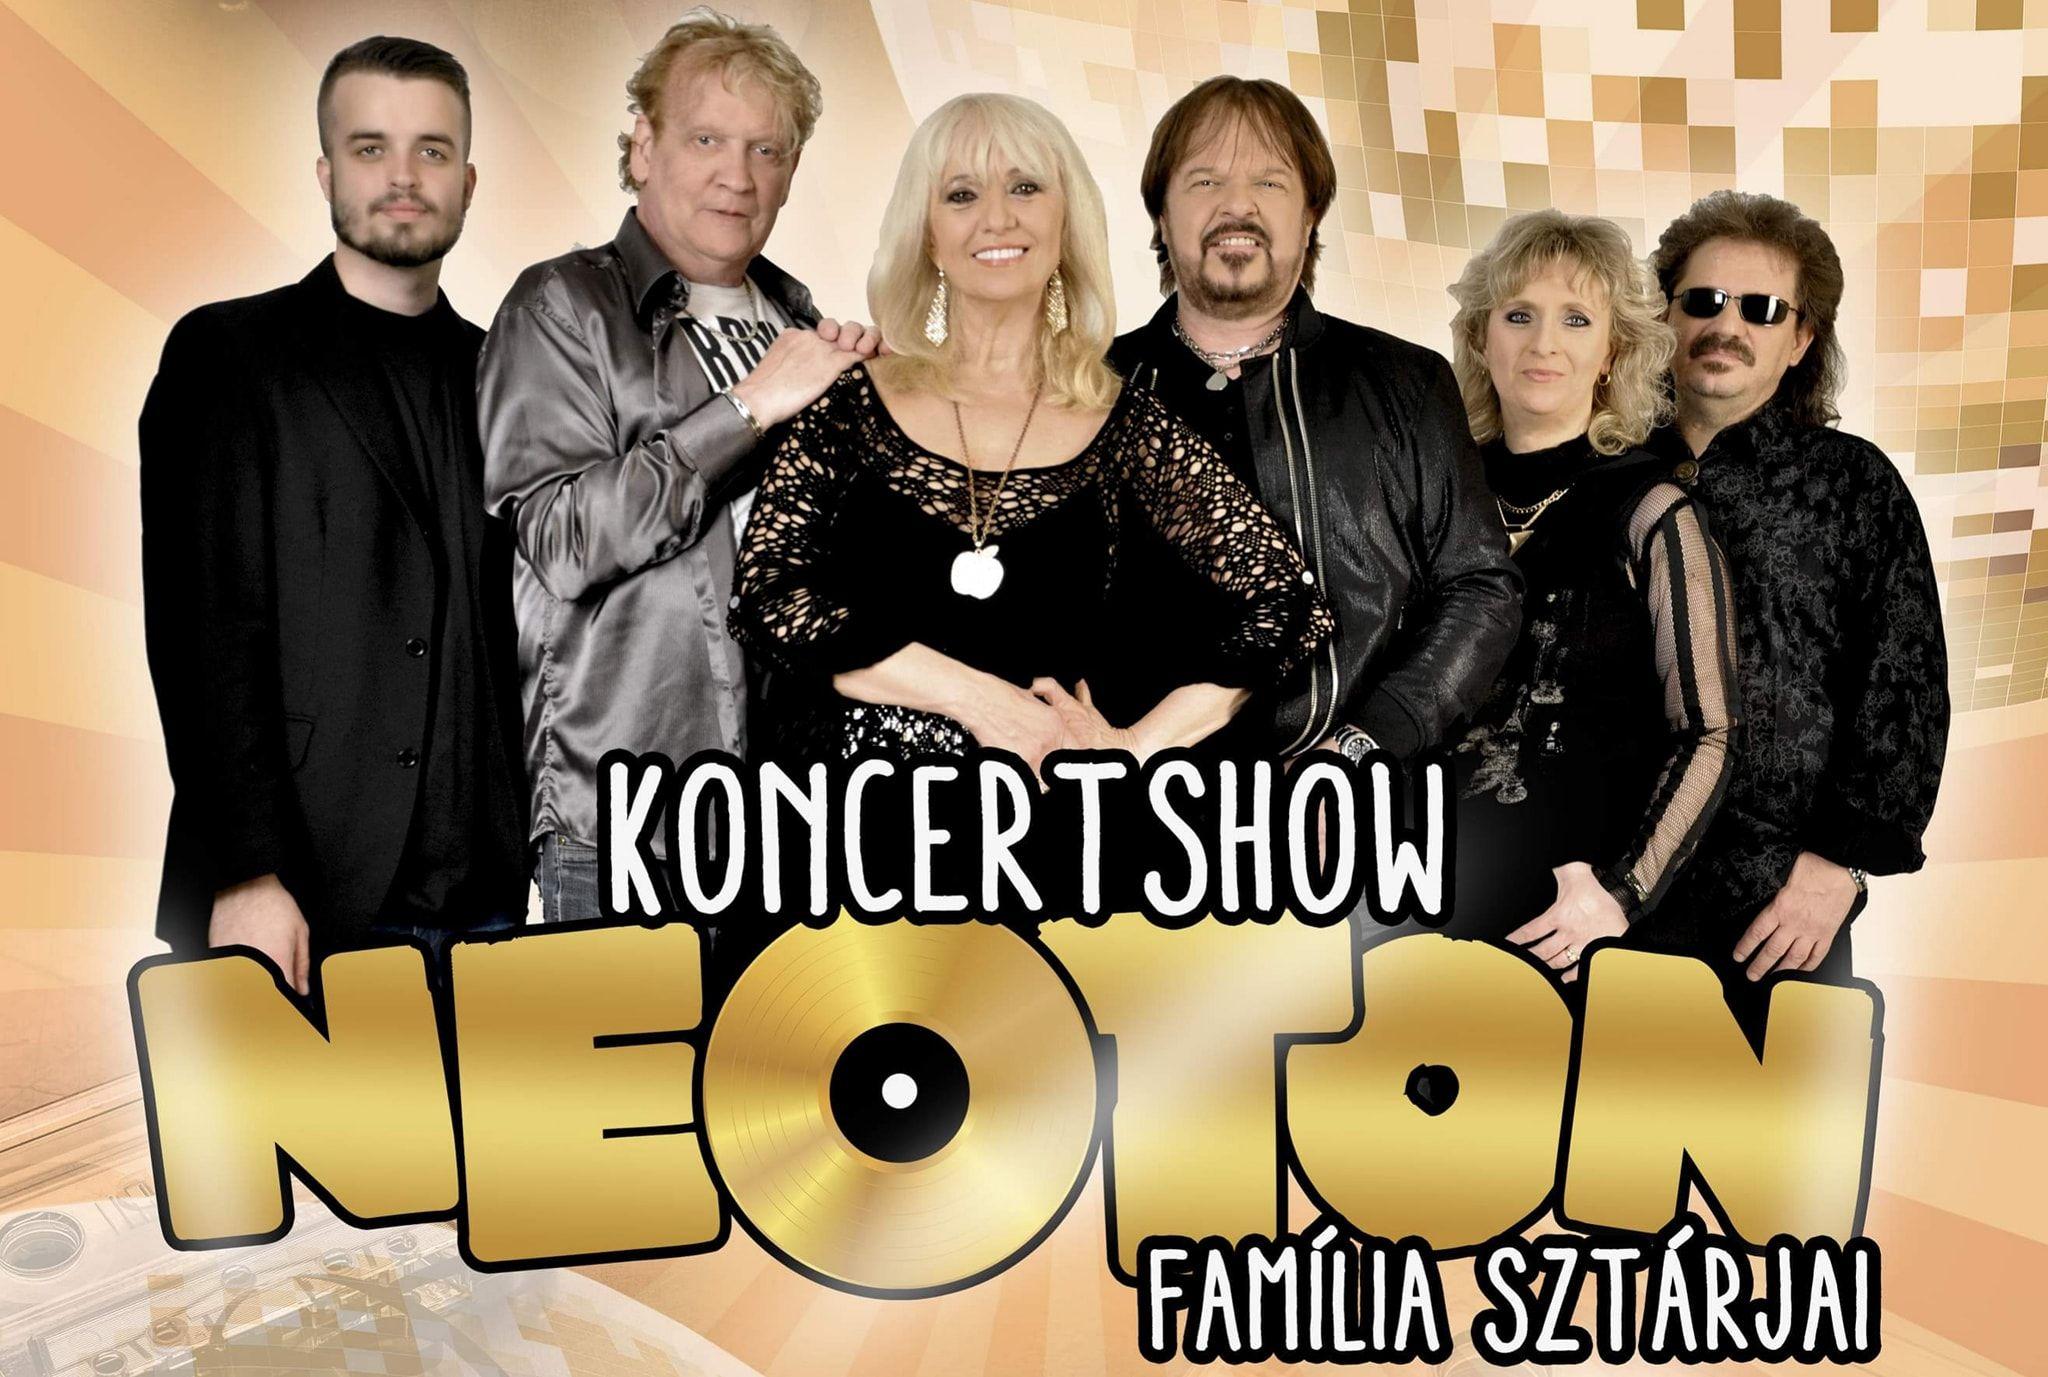 Neoton-familia-koncertshow-szekesfehervar